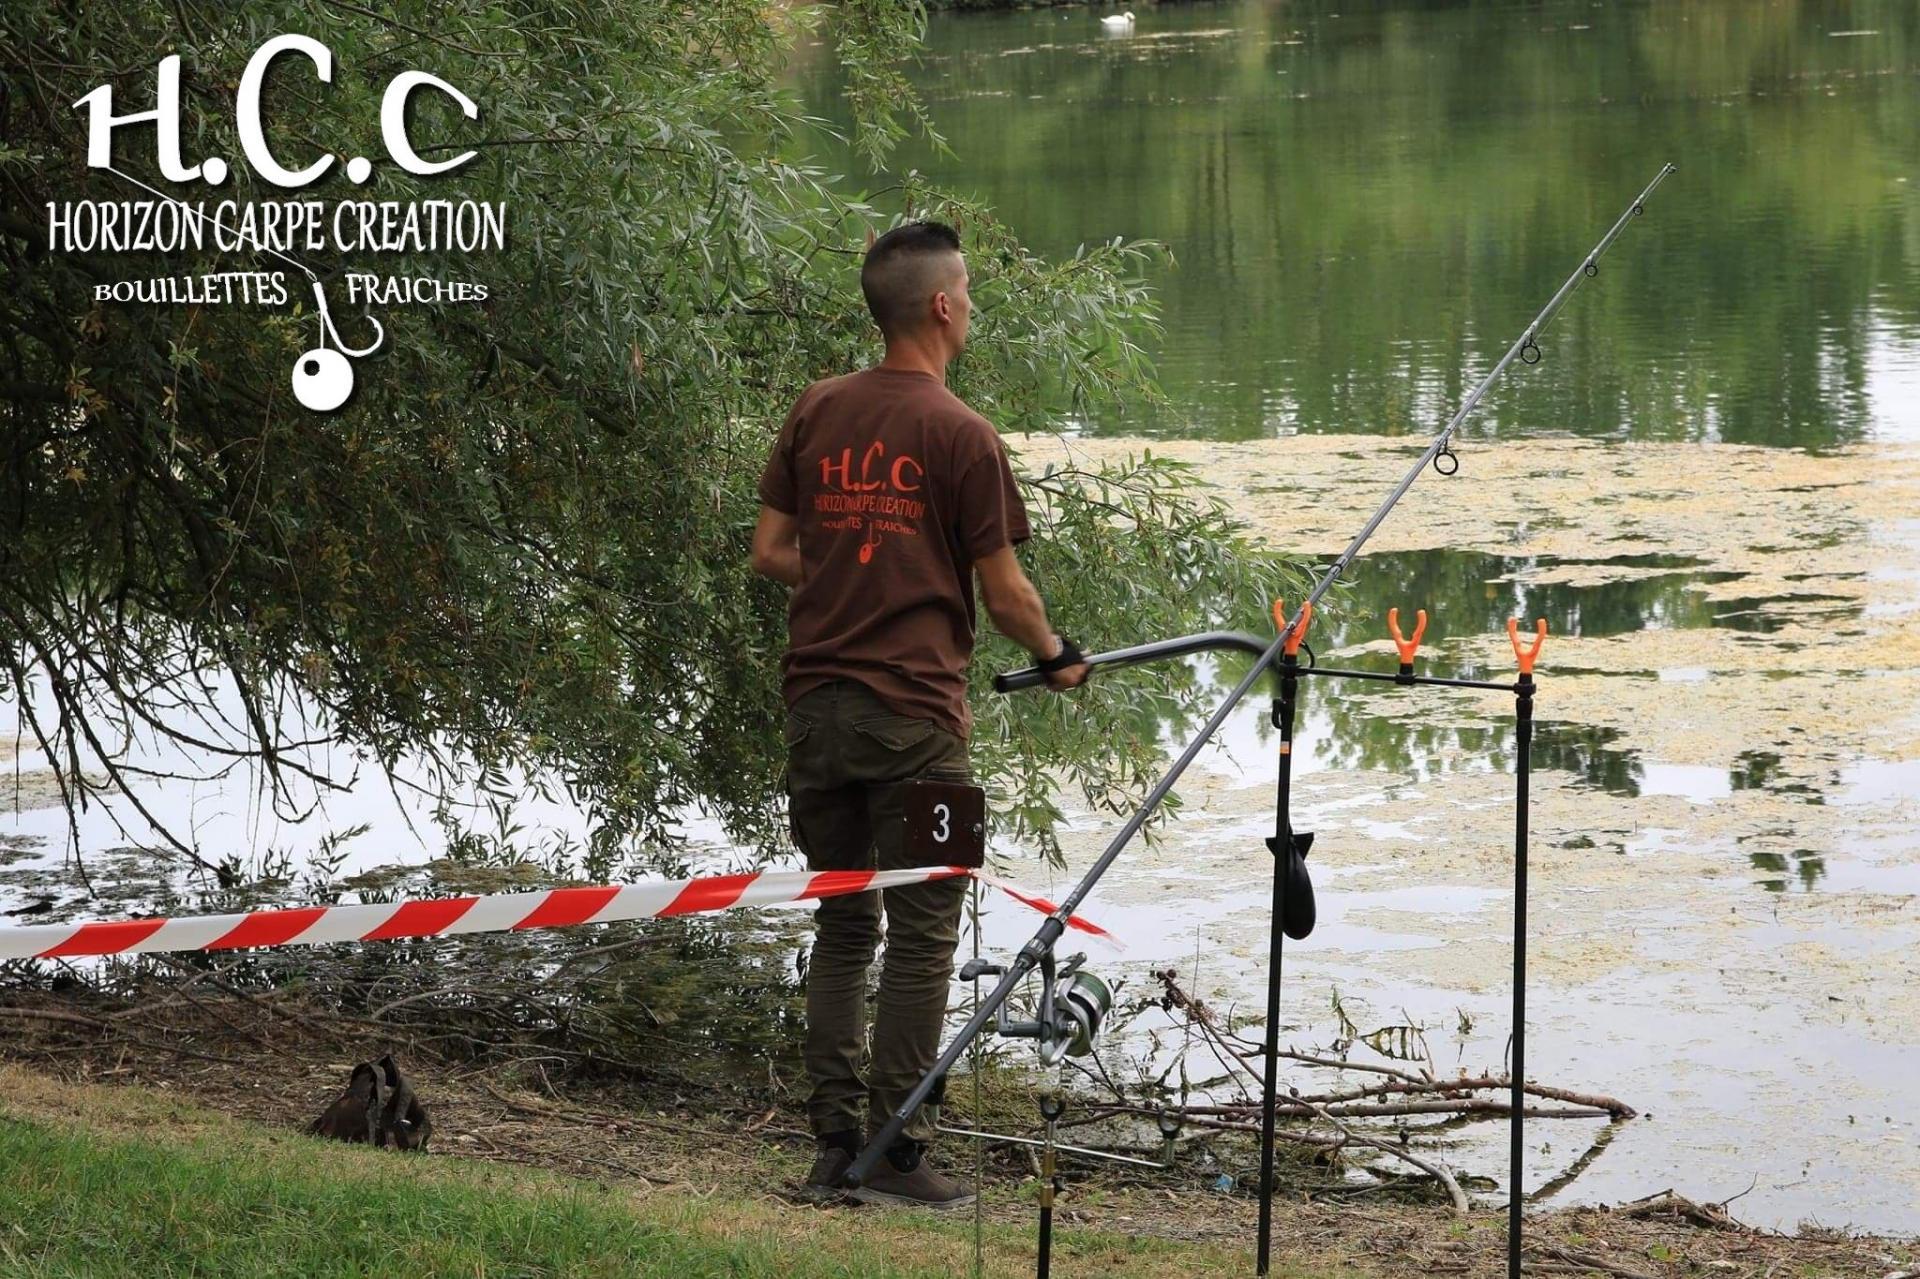 BENJAMIN BEN - TEAM HCC HAUTS DE FRANCE